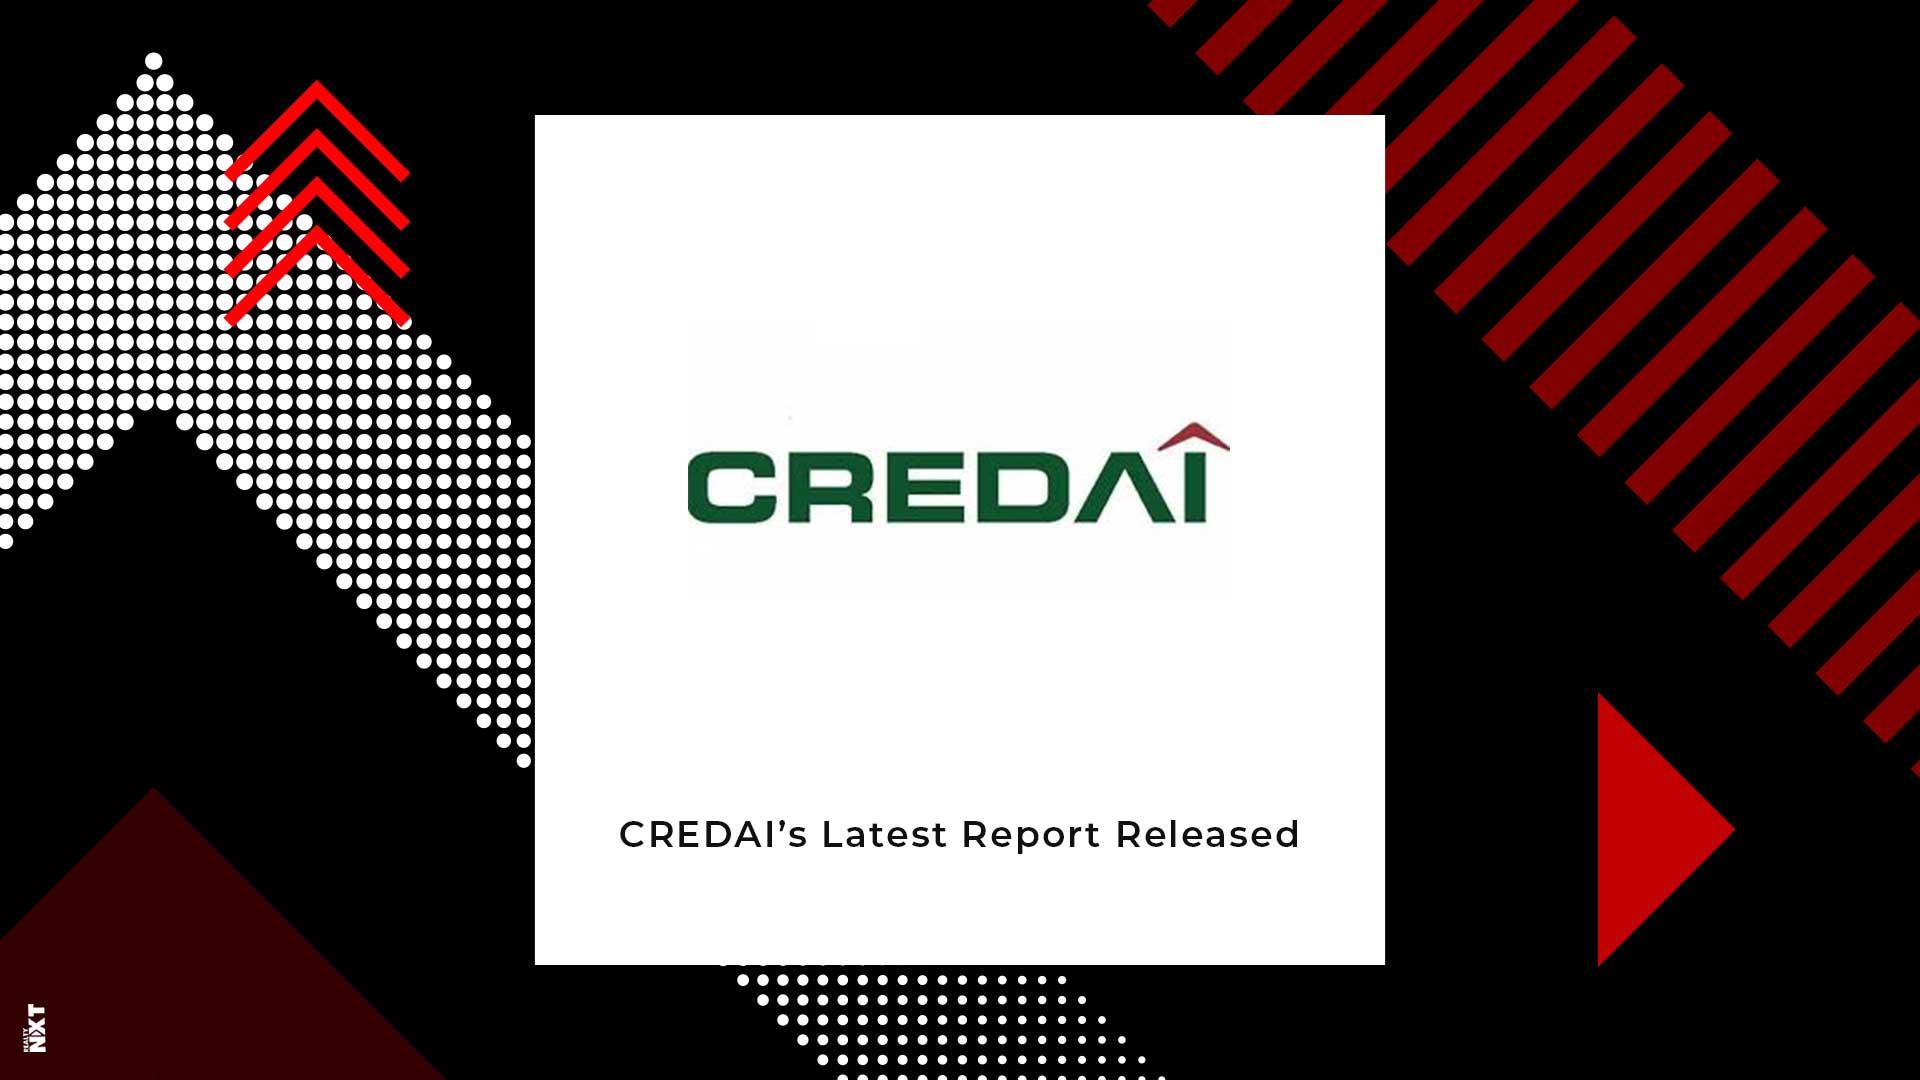 CREDAI Predicts Bright Future For Indian Real Estate